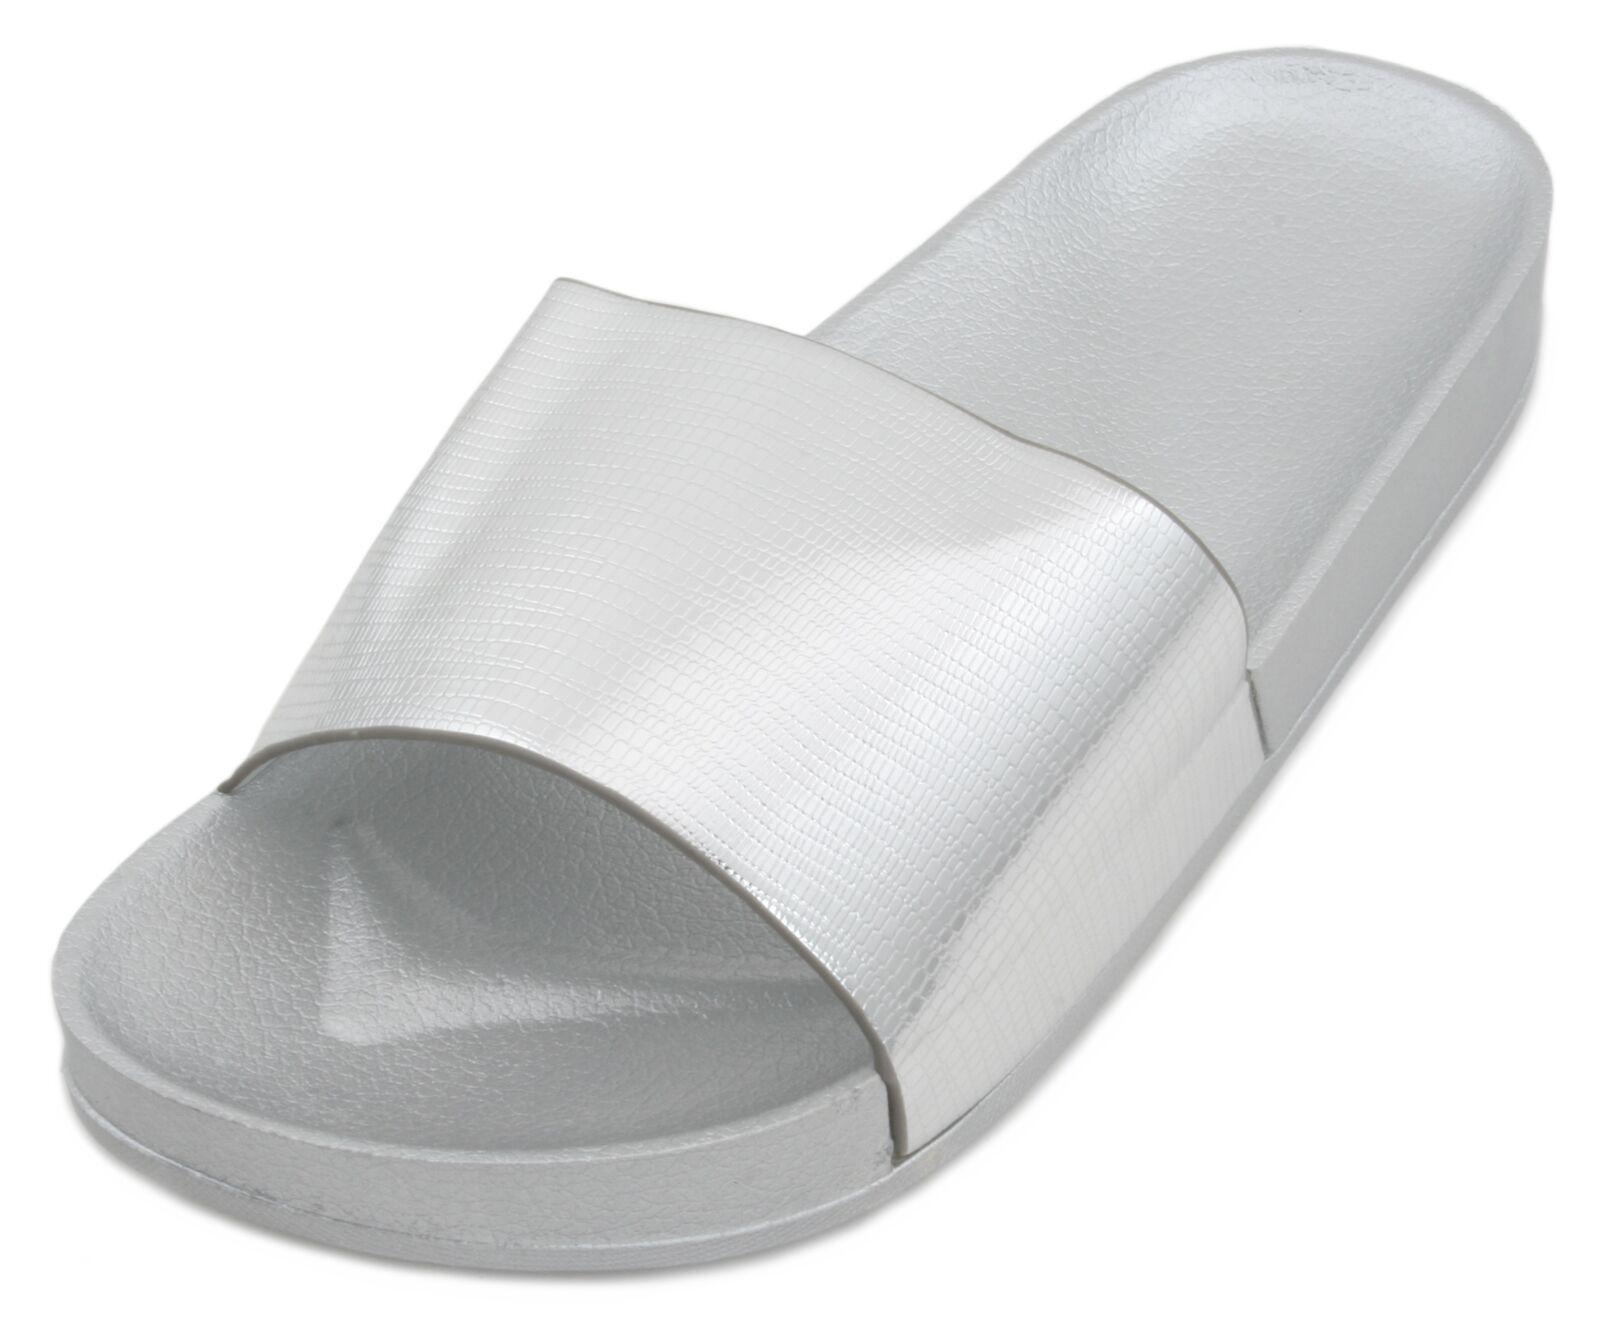 d5bfc0dfff90 Sandrocks Ladies Metallic Pool Slide Sandal Flip Flop Rose Gold 5 UK for  sale online